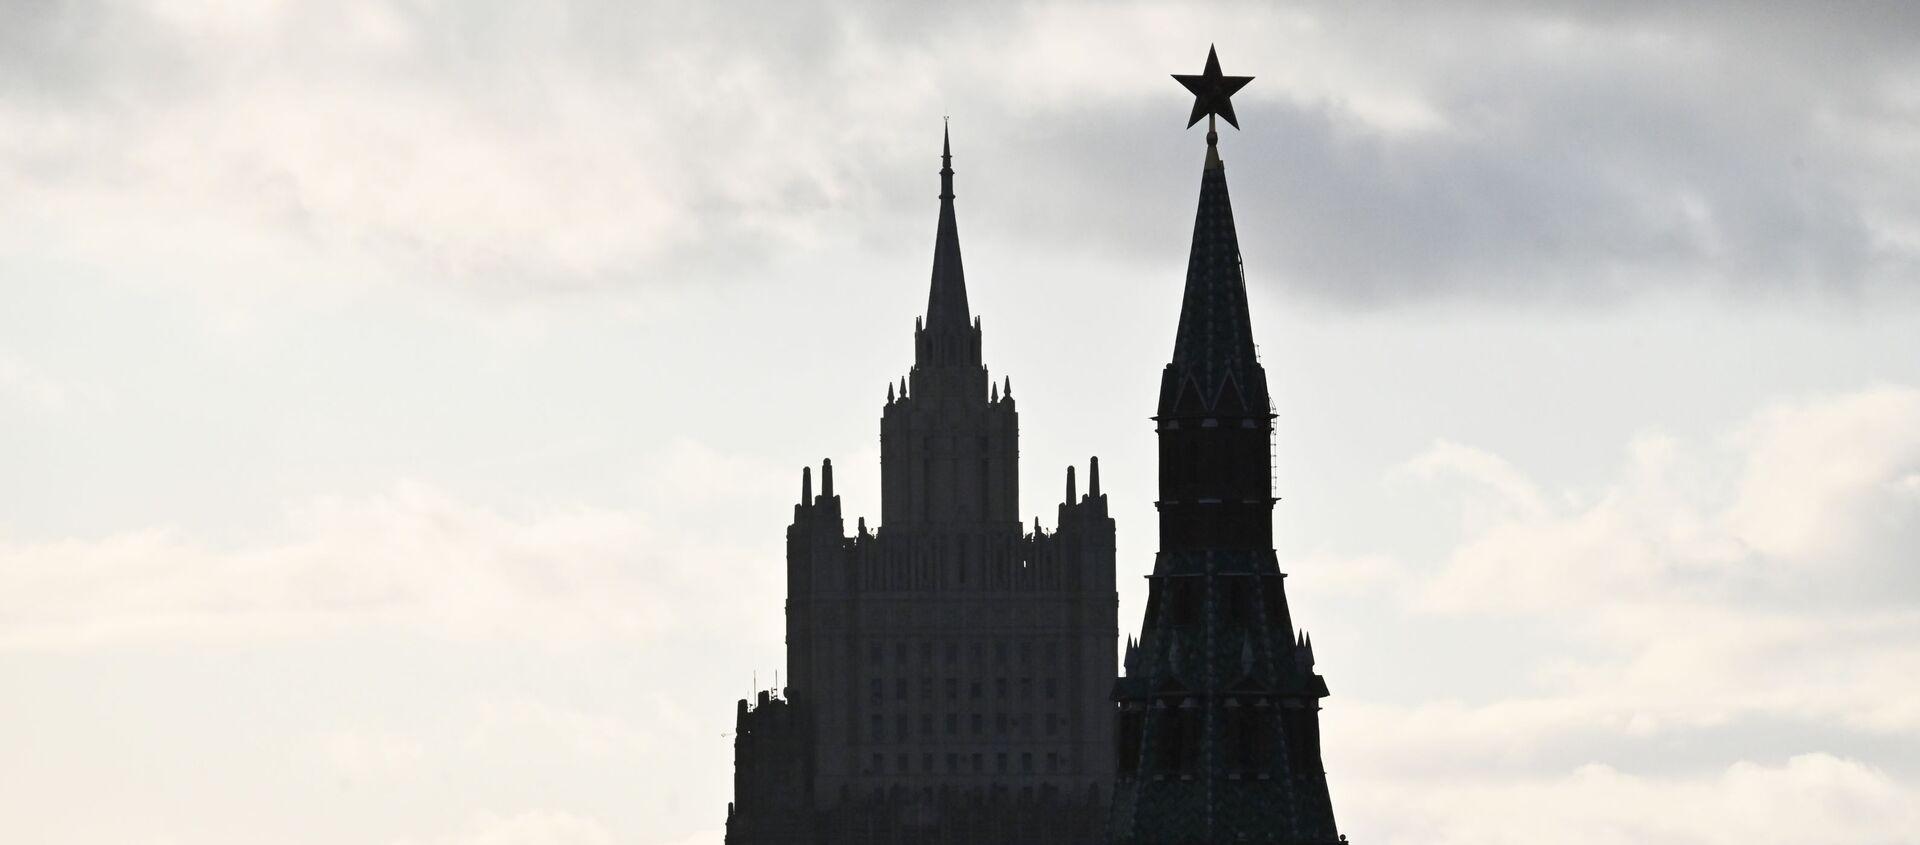 Vista su Cremlino e ministero degli Esteri russo - Sputnik Italia, 1920, 19.04.2021